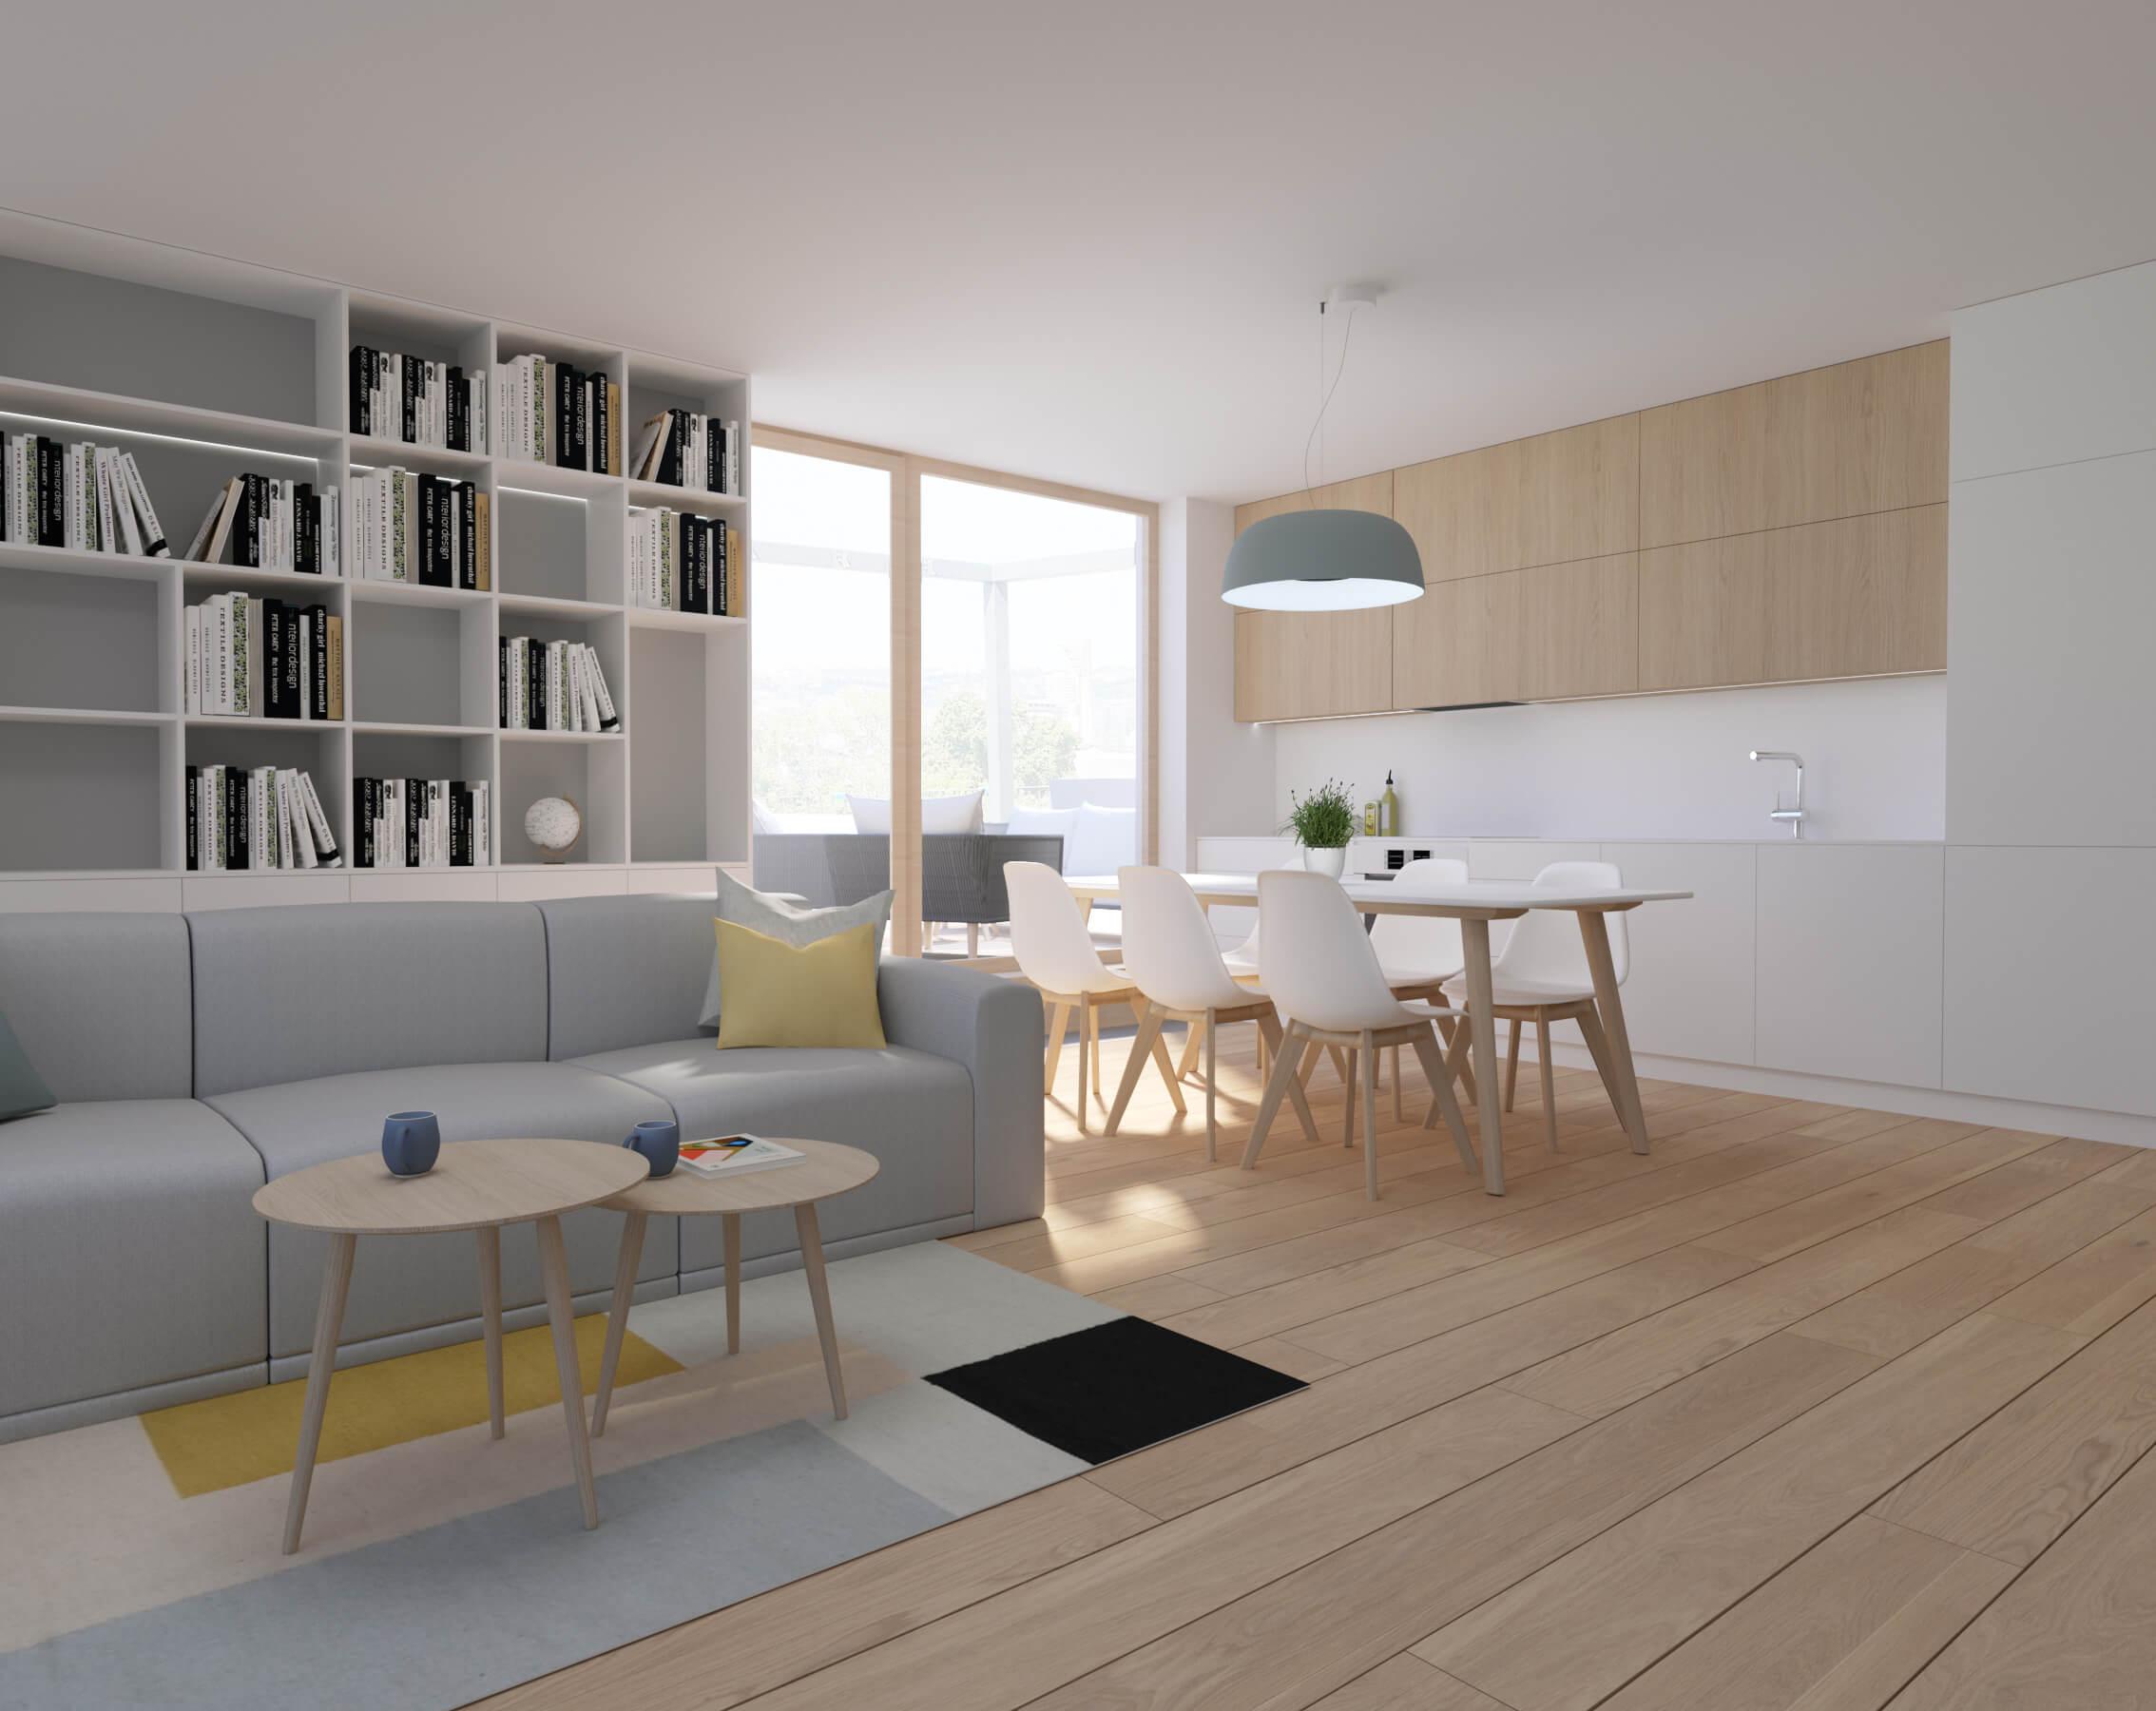 interierový dizajn kuchyňa - vizualizácia, projekt, byty Nido